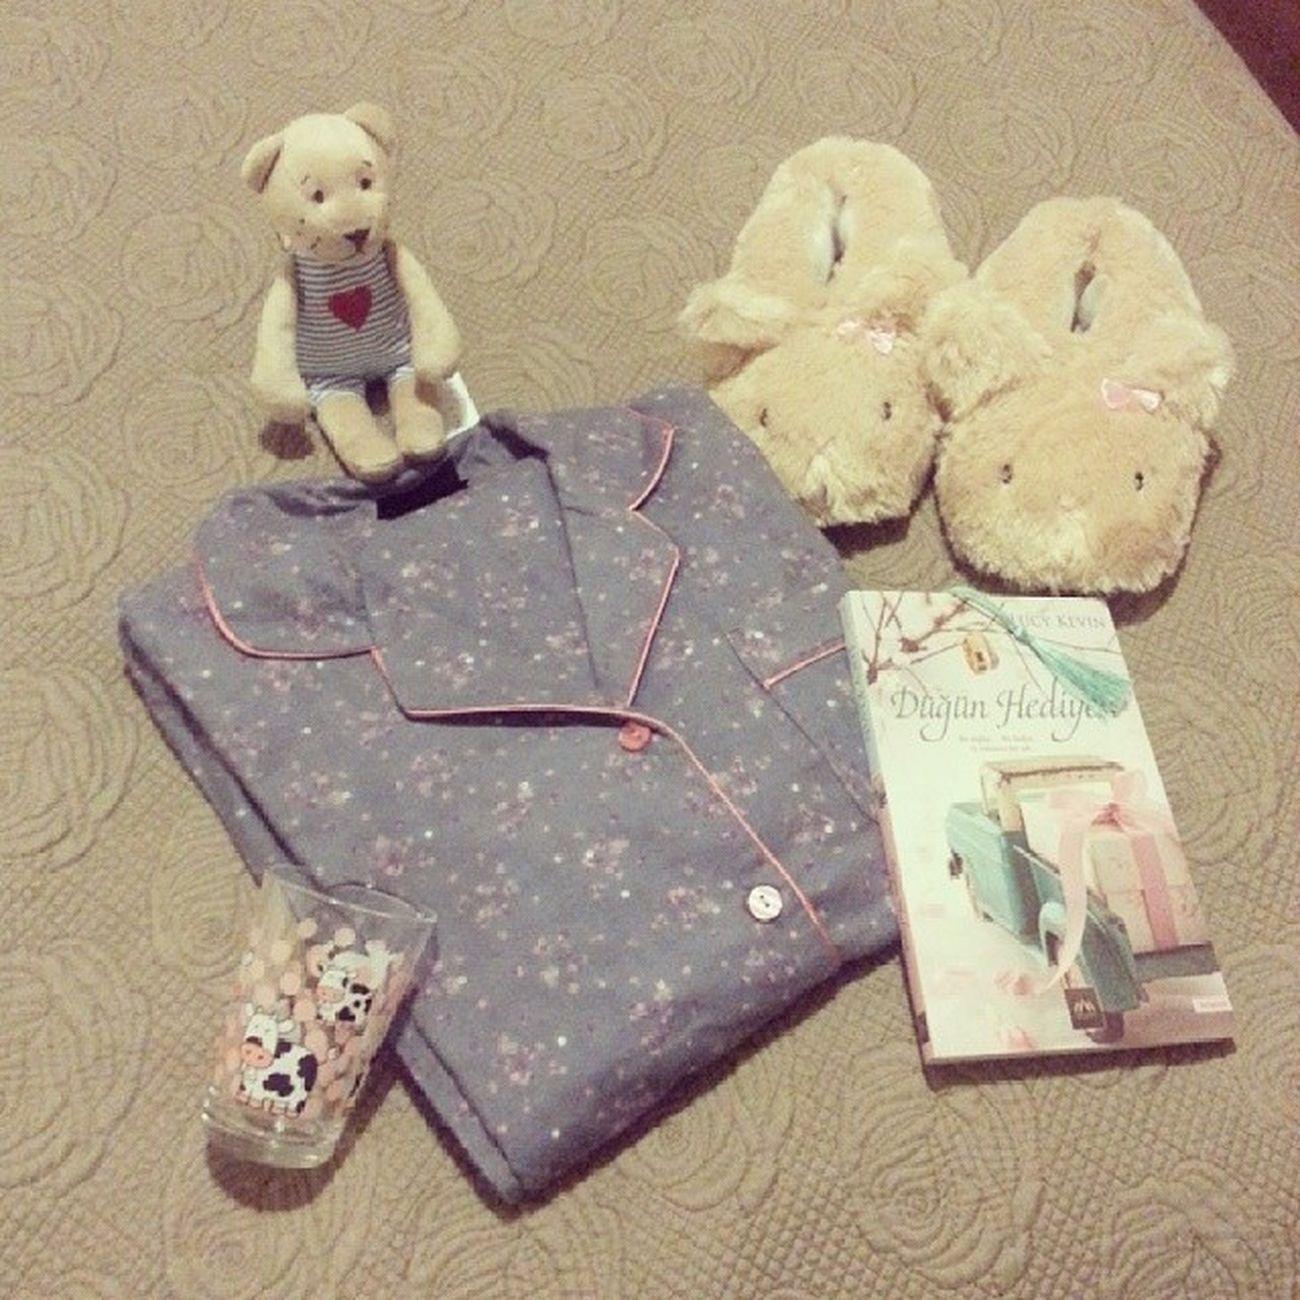 Tatlı uykular ? ? ? Bonnenuit Pijama Panduf Yatak pyjamas book bed enguzeluclu keyfimyerinde love bunny bear